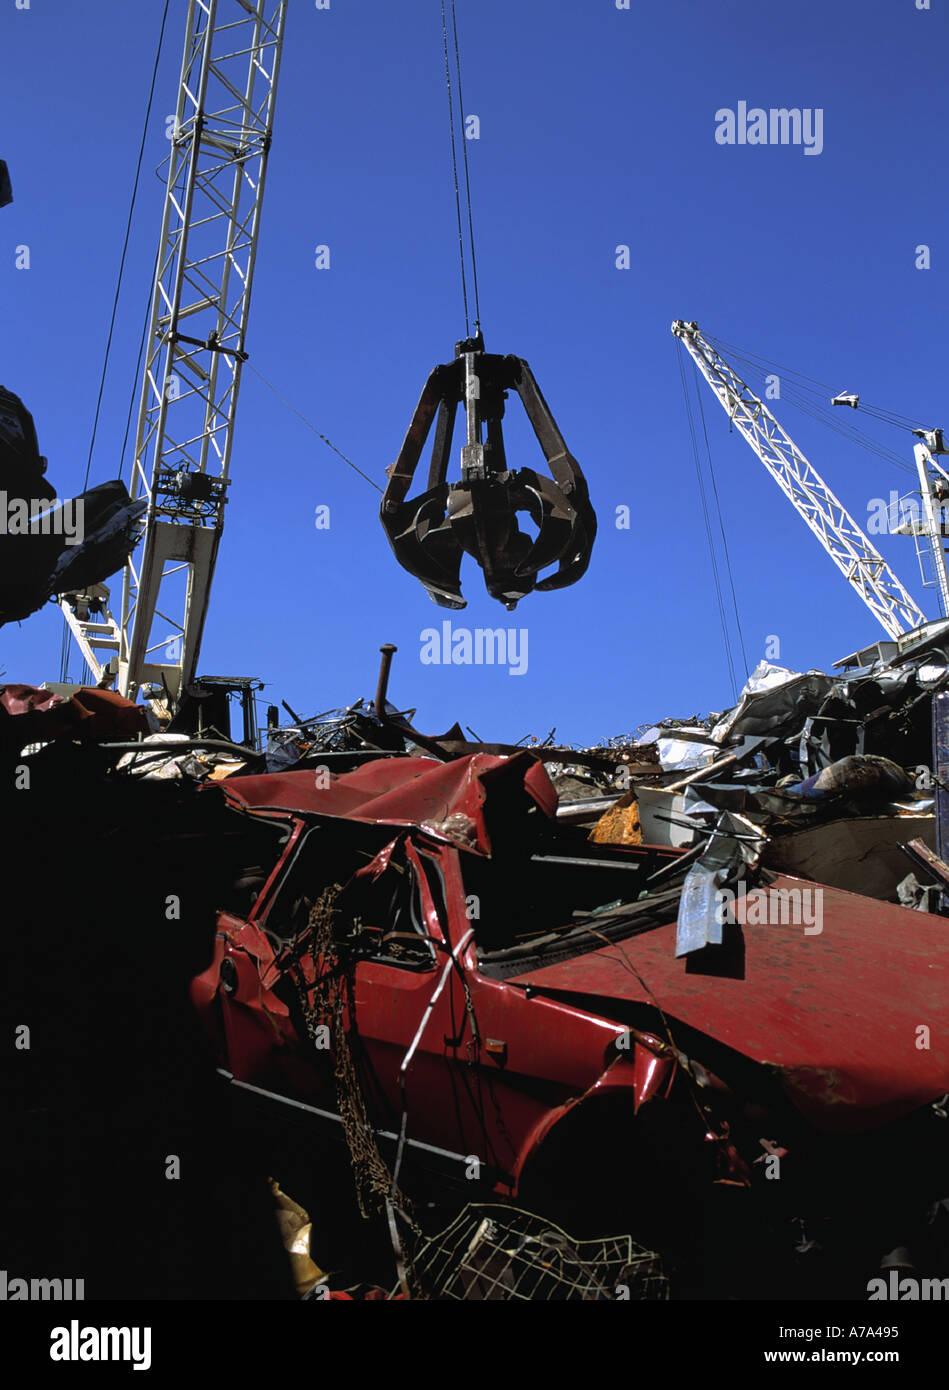 scrap yard - Stock Image